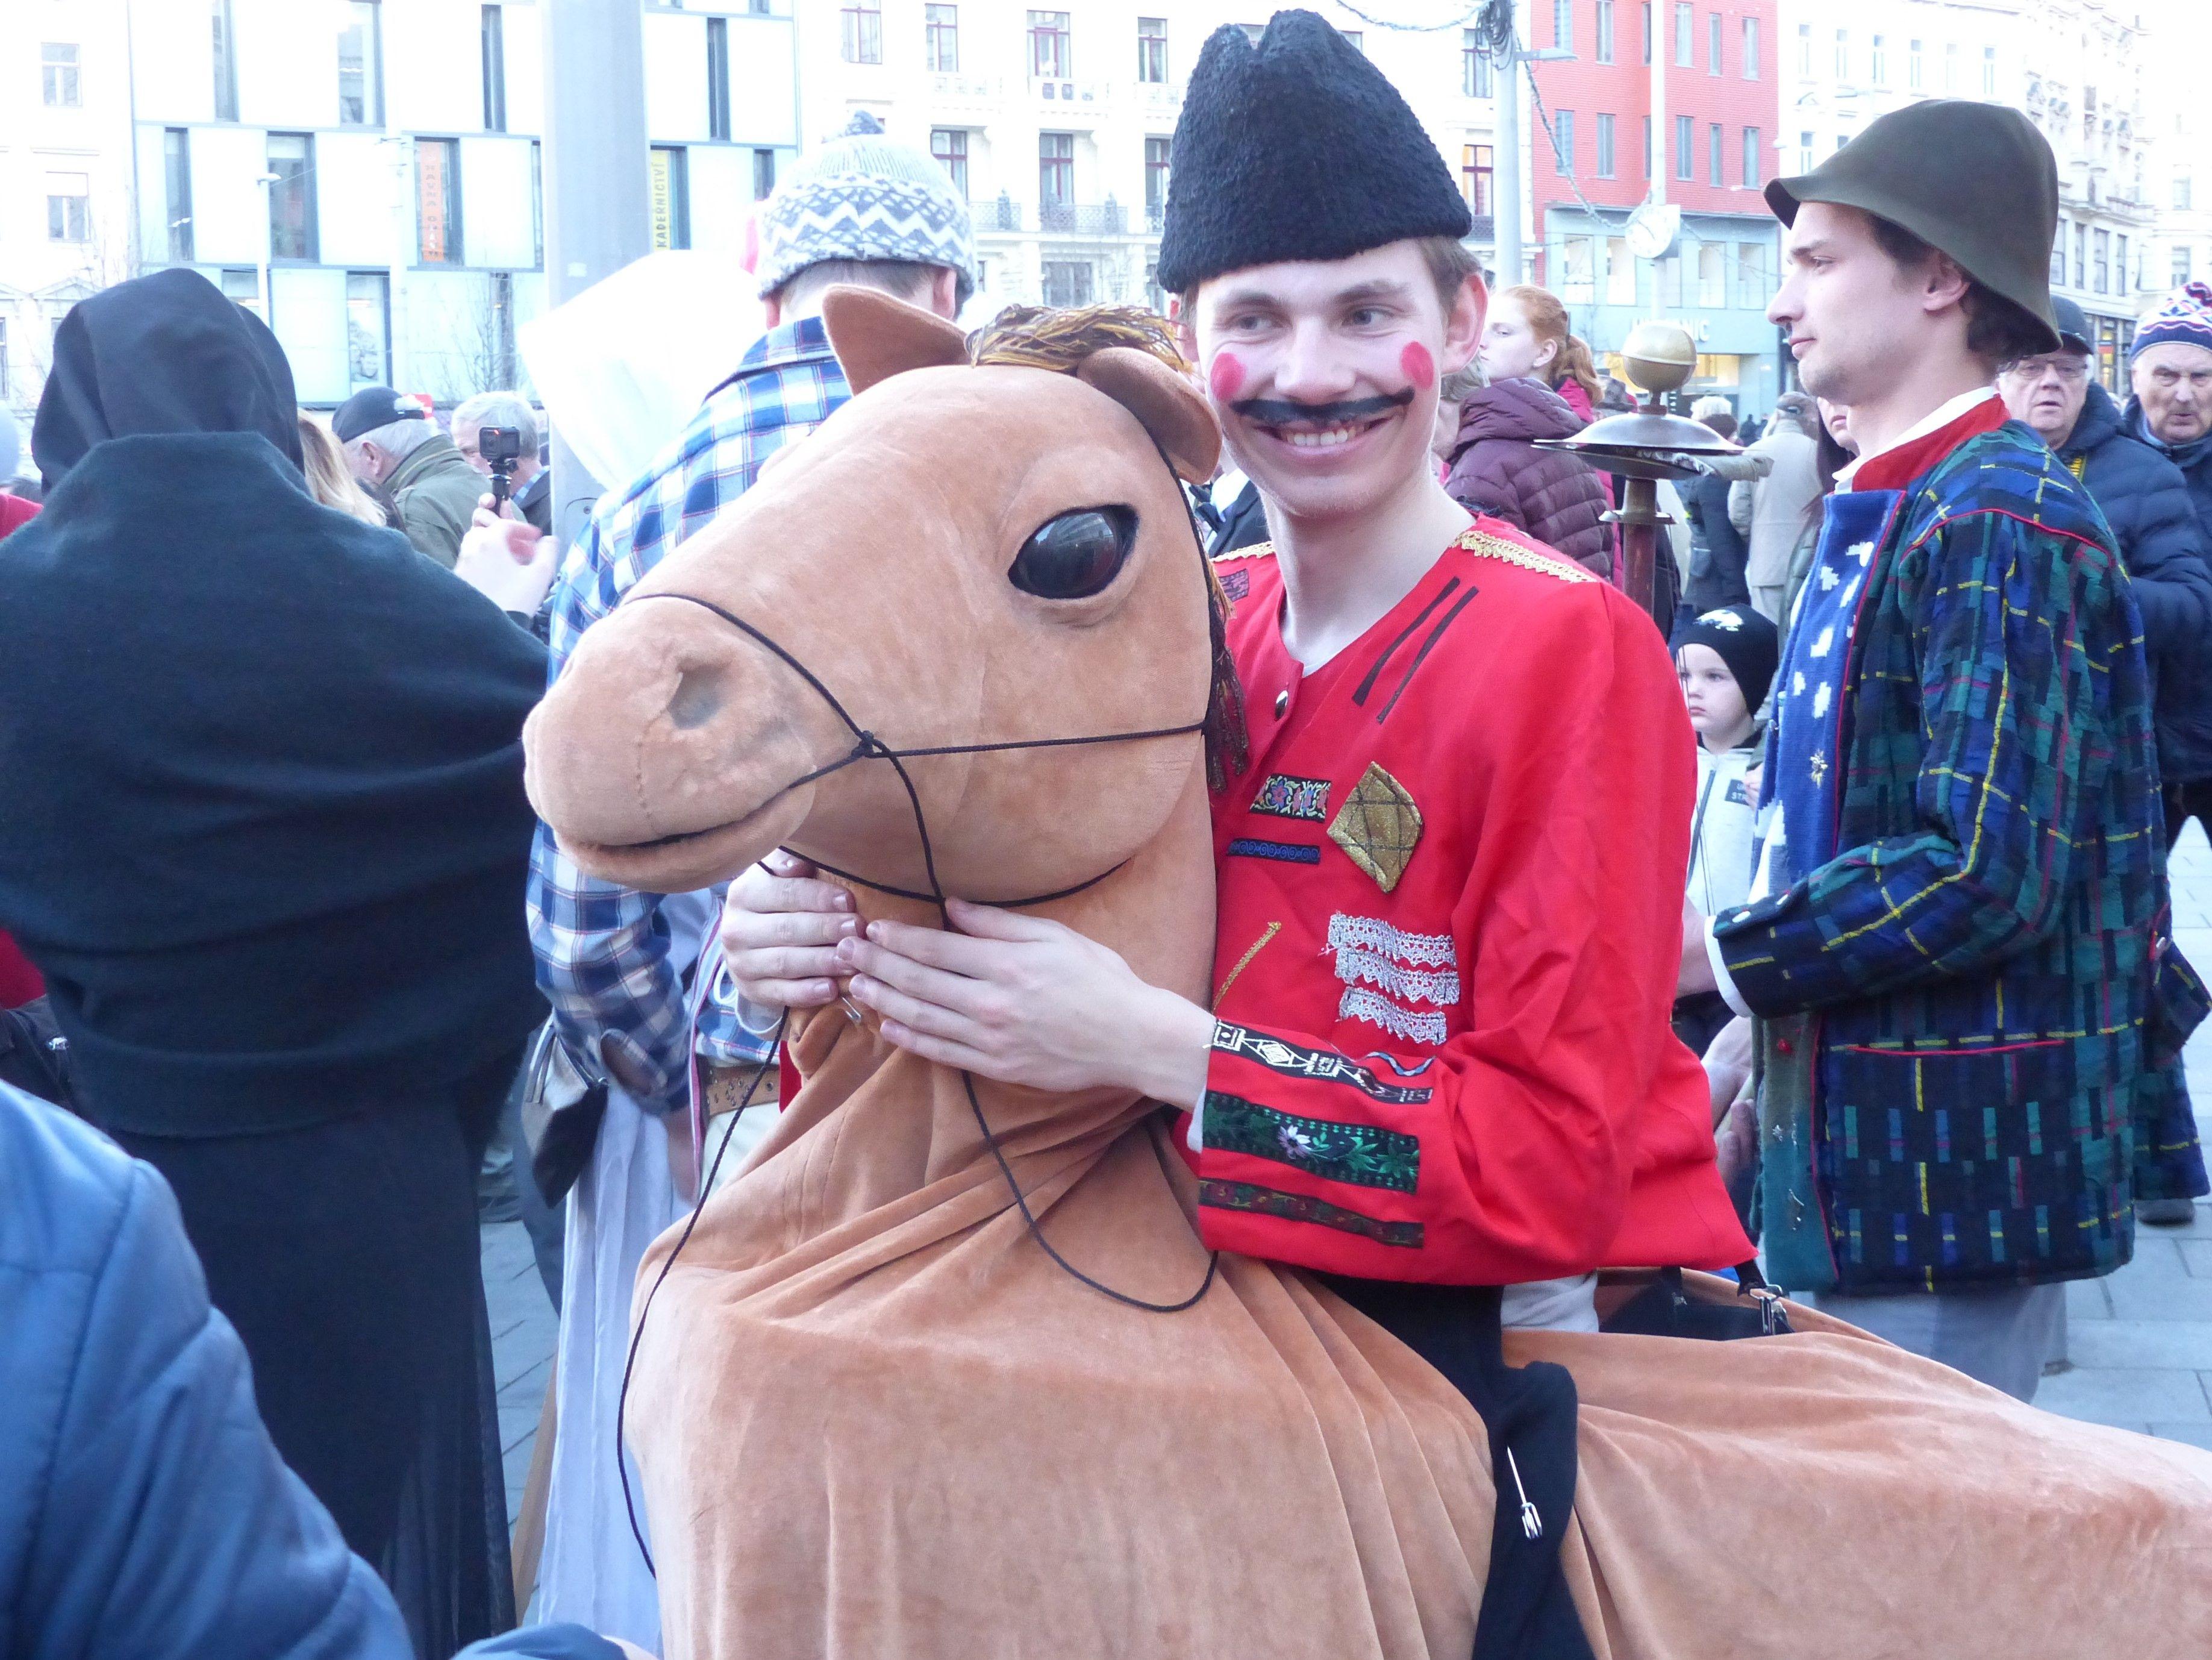 Jezdec na koni představuje jednu z typických masopustních masek.